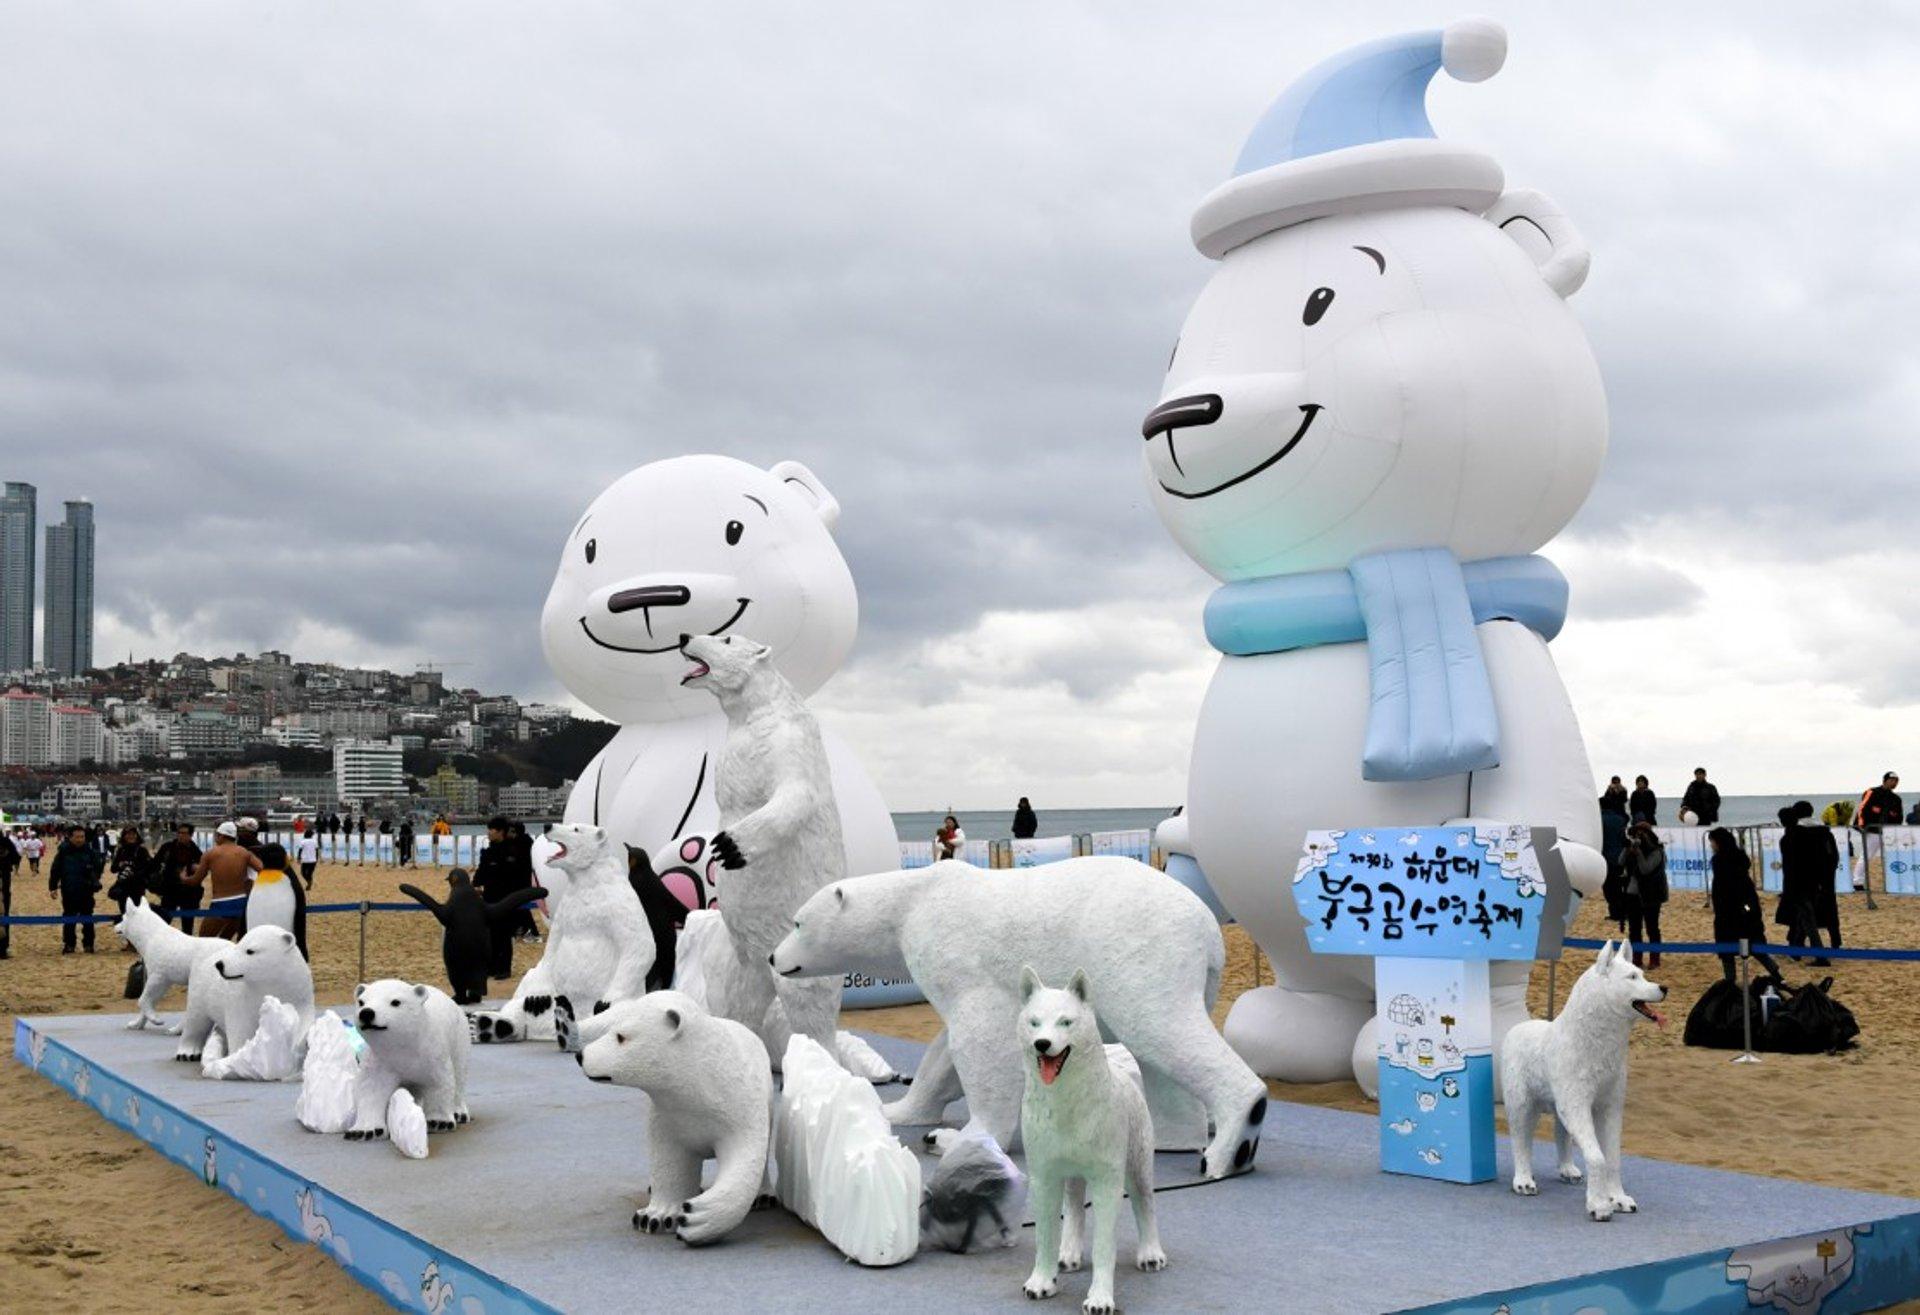 Polar Bear Swim Festival in South Korea - Best Time